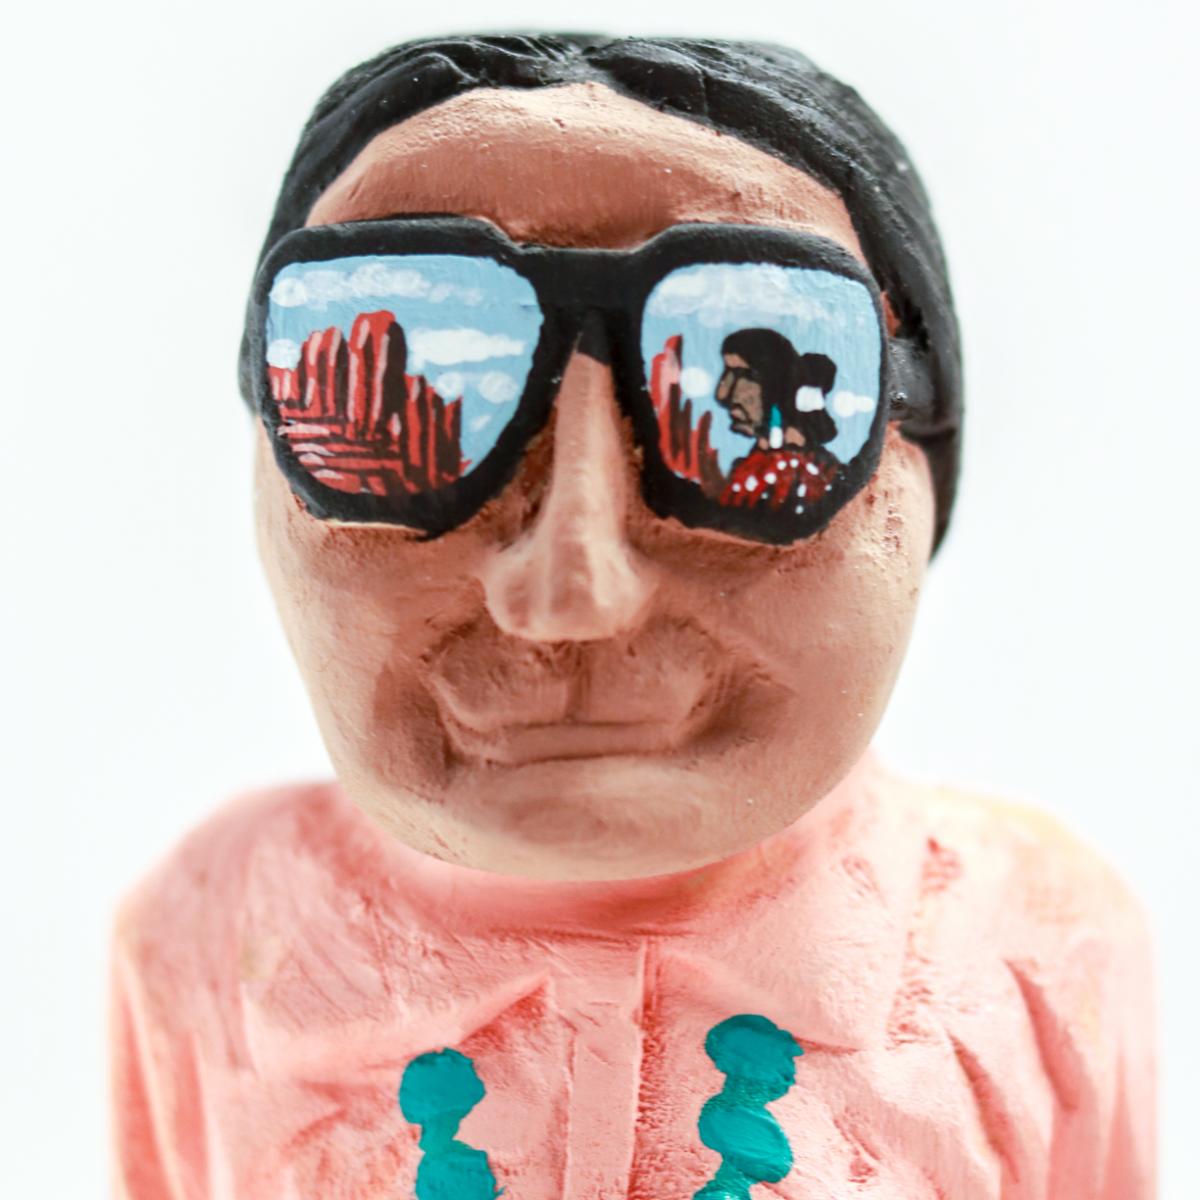 A wooden sculpture of a man wearing sunglasses.